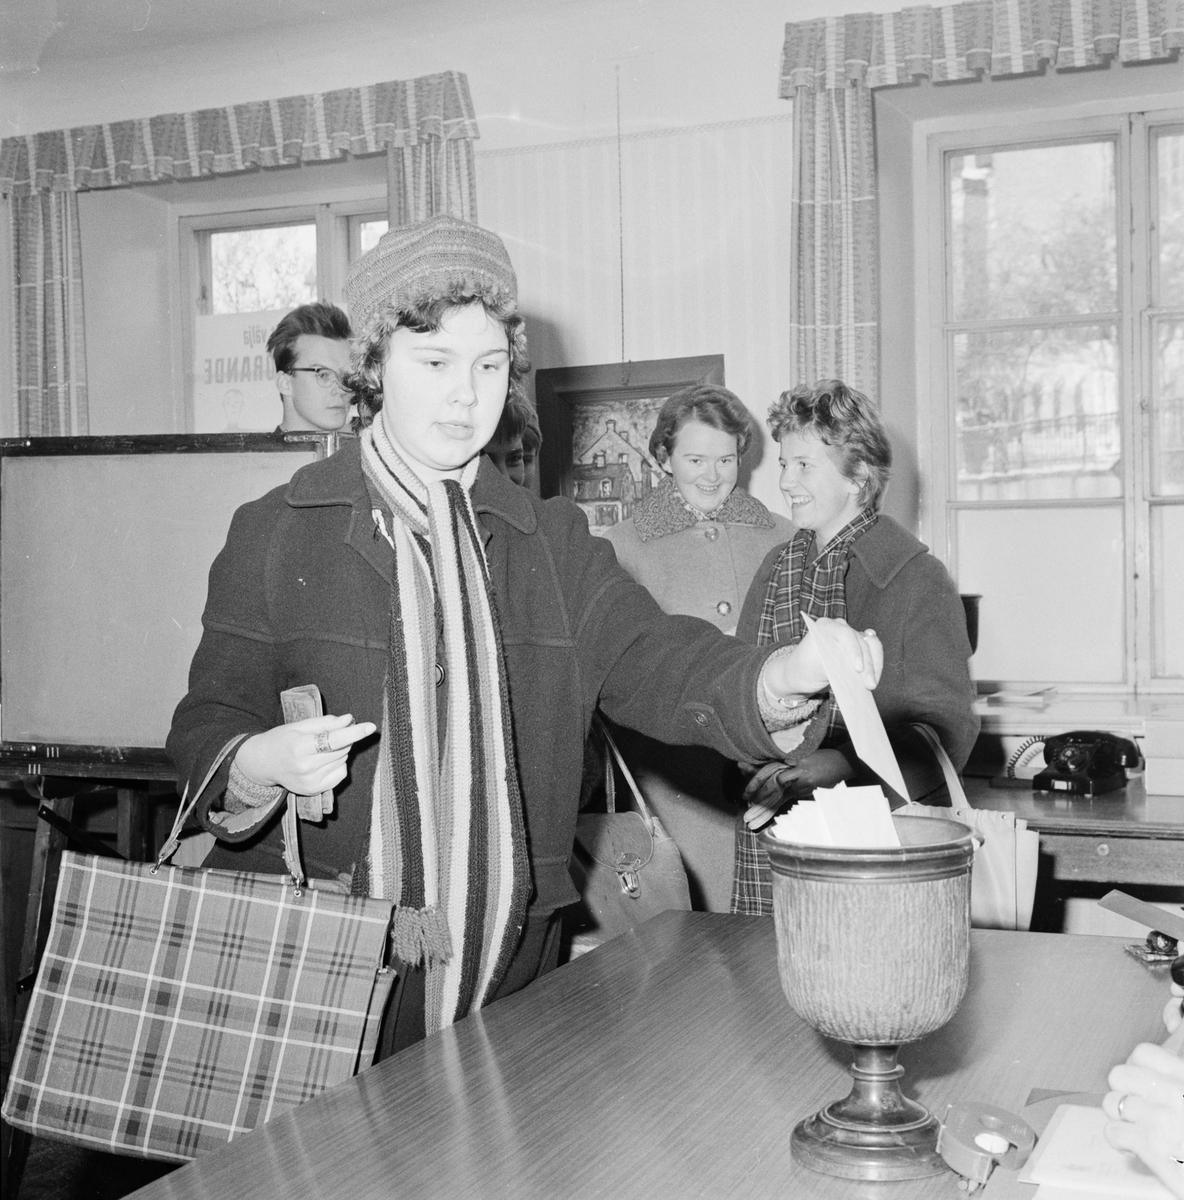 Studentkåren - ordförandeval, Uppsala juni 1959